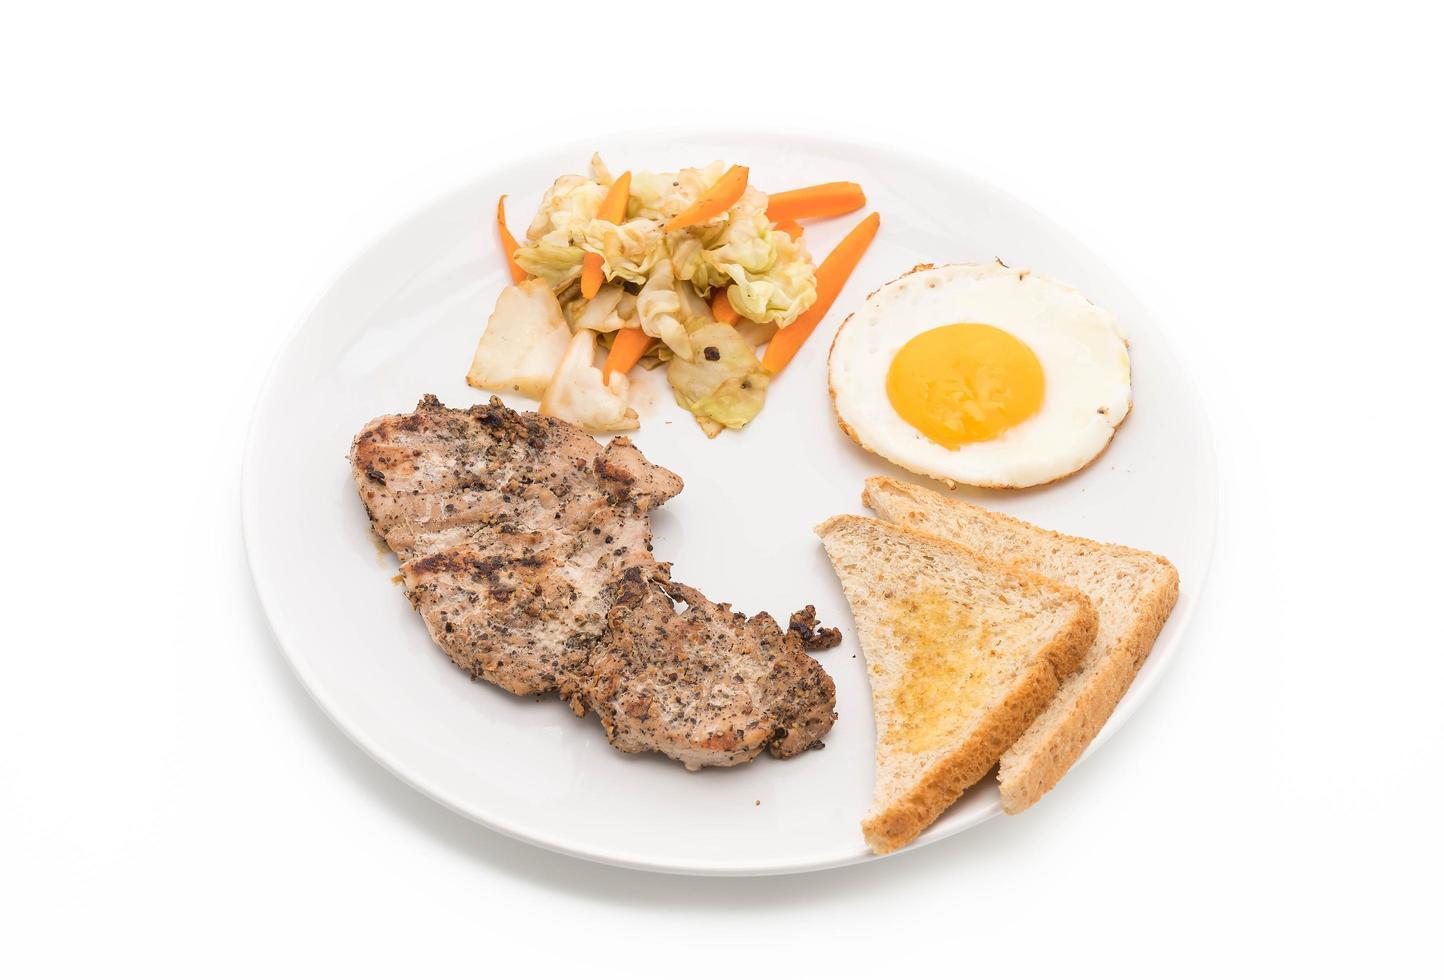 steak de porc grillé photo